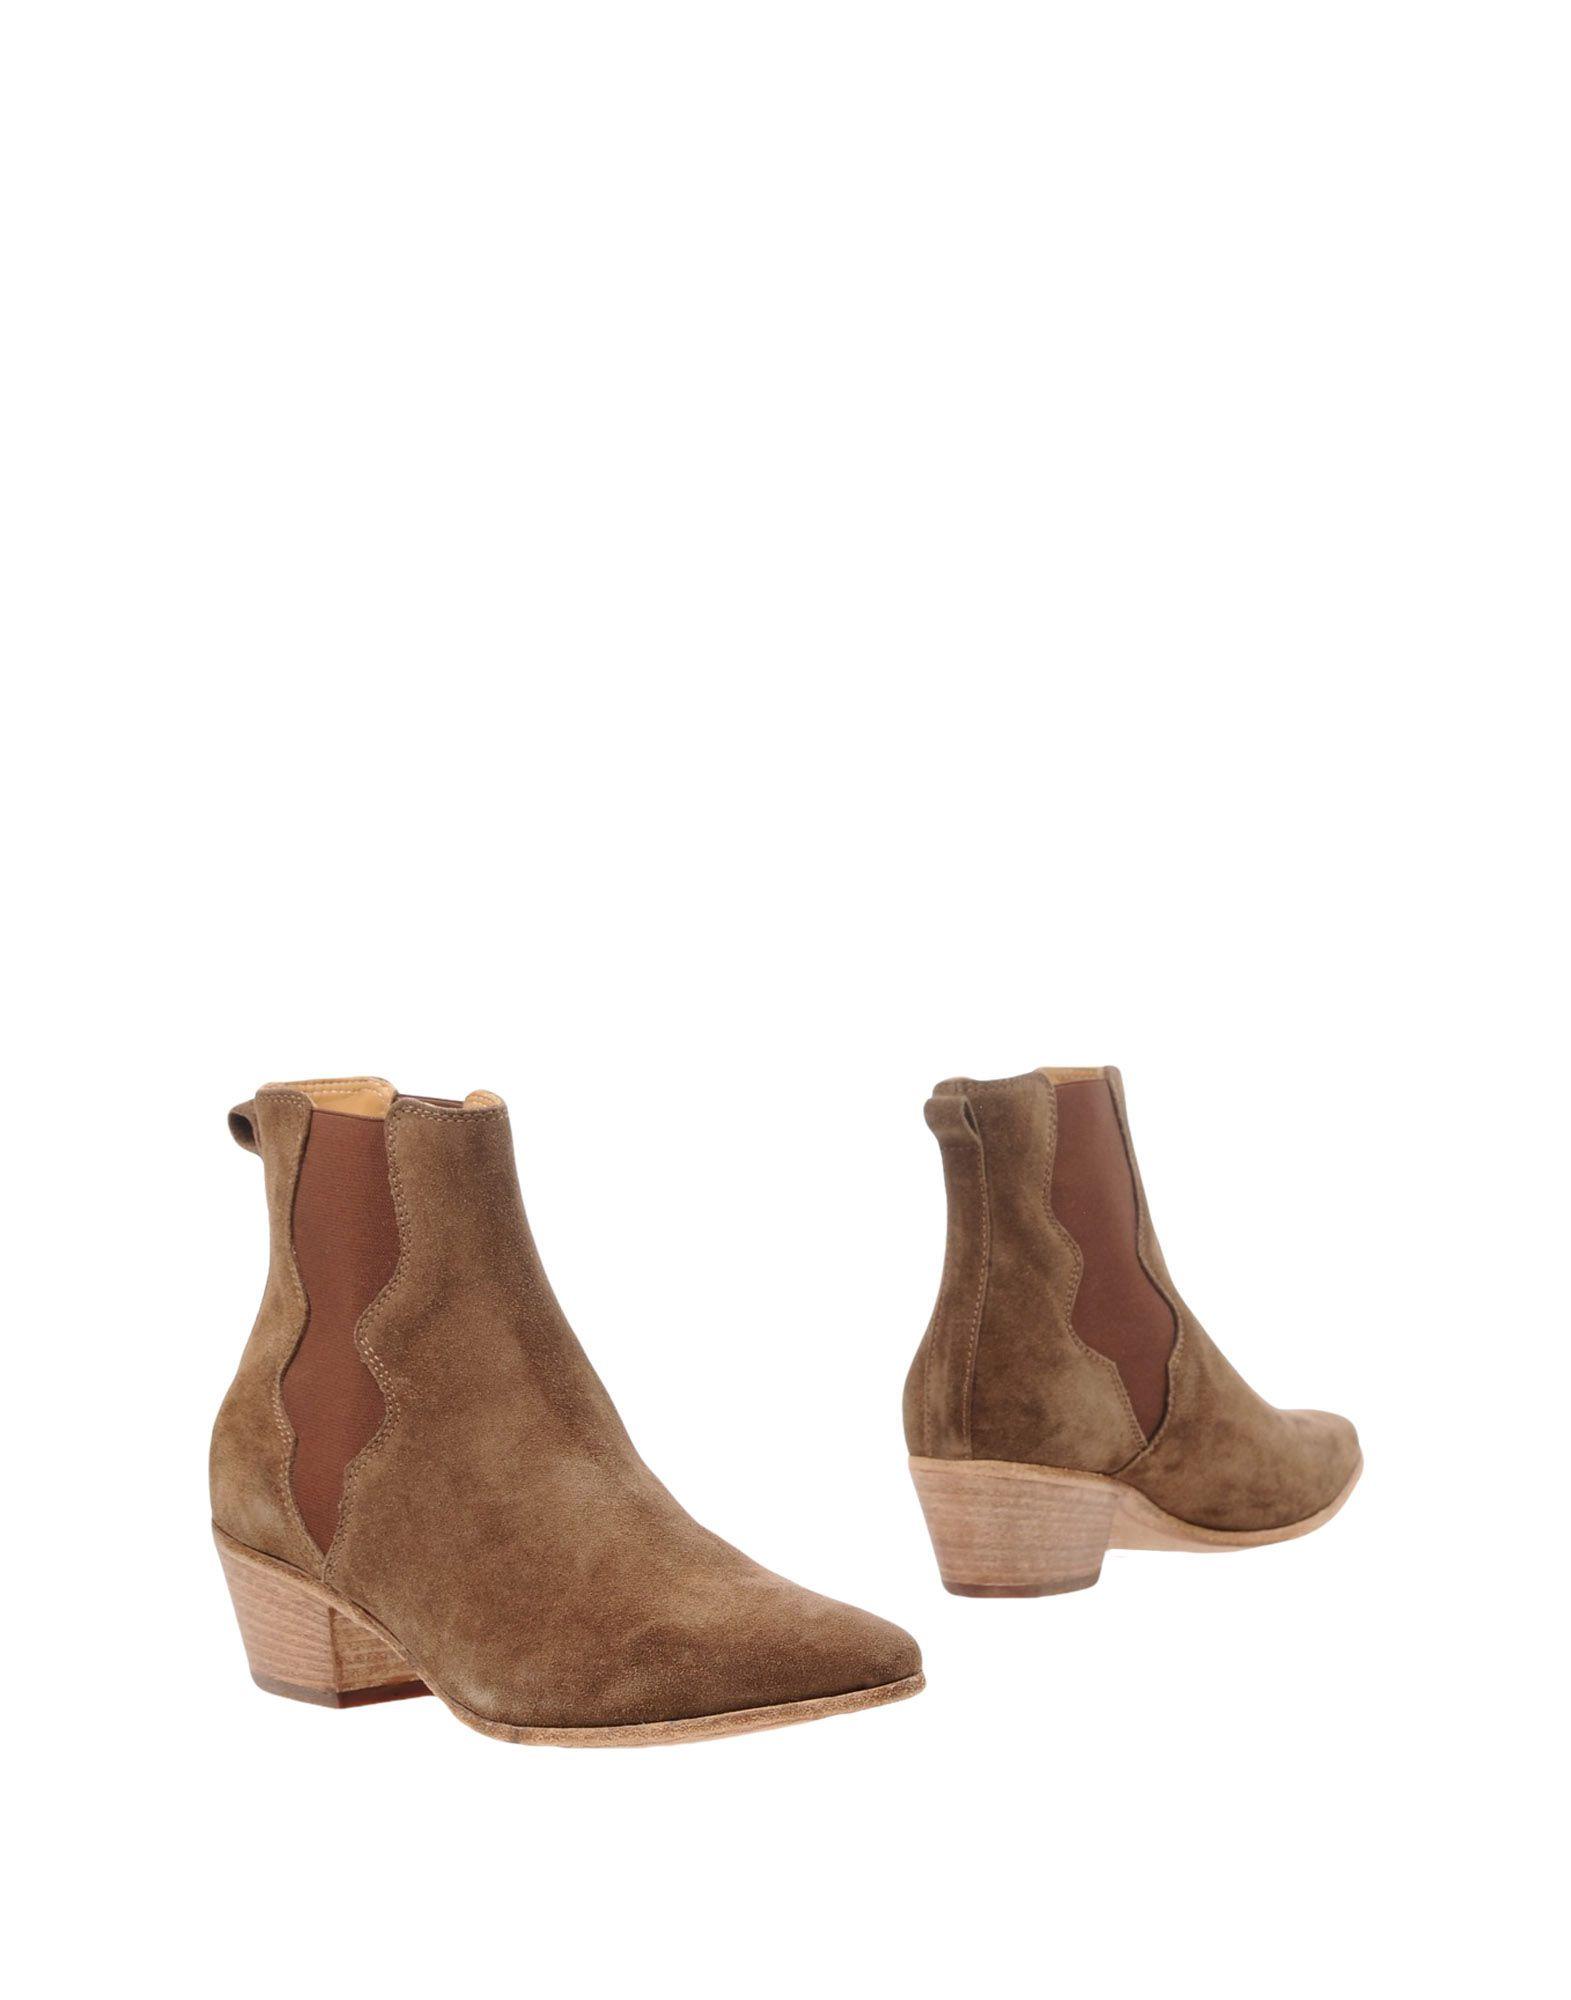 Lemaré Chelsea Boots es Damen Gutes Preis-Leistungs-Verhältnis, es Boots lohnt sich,Sonderangebot-3725 bb4faa